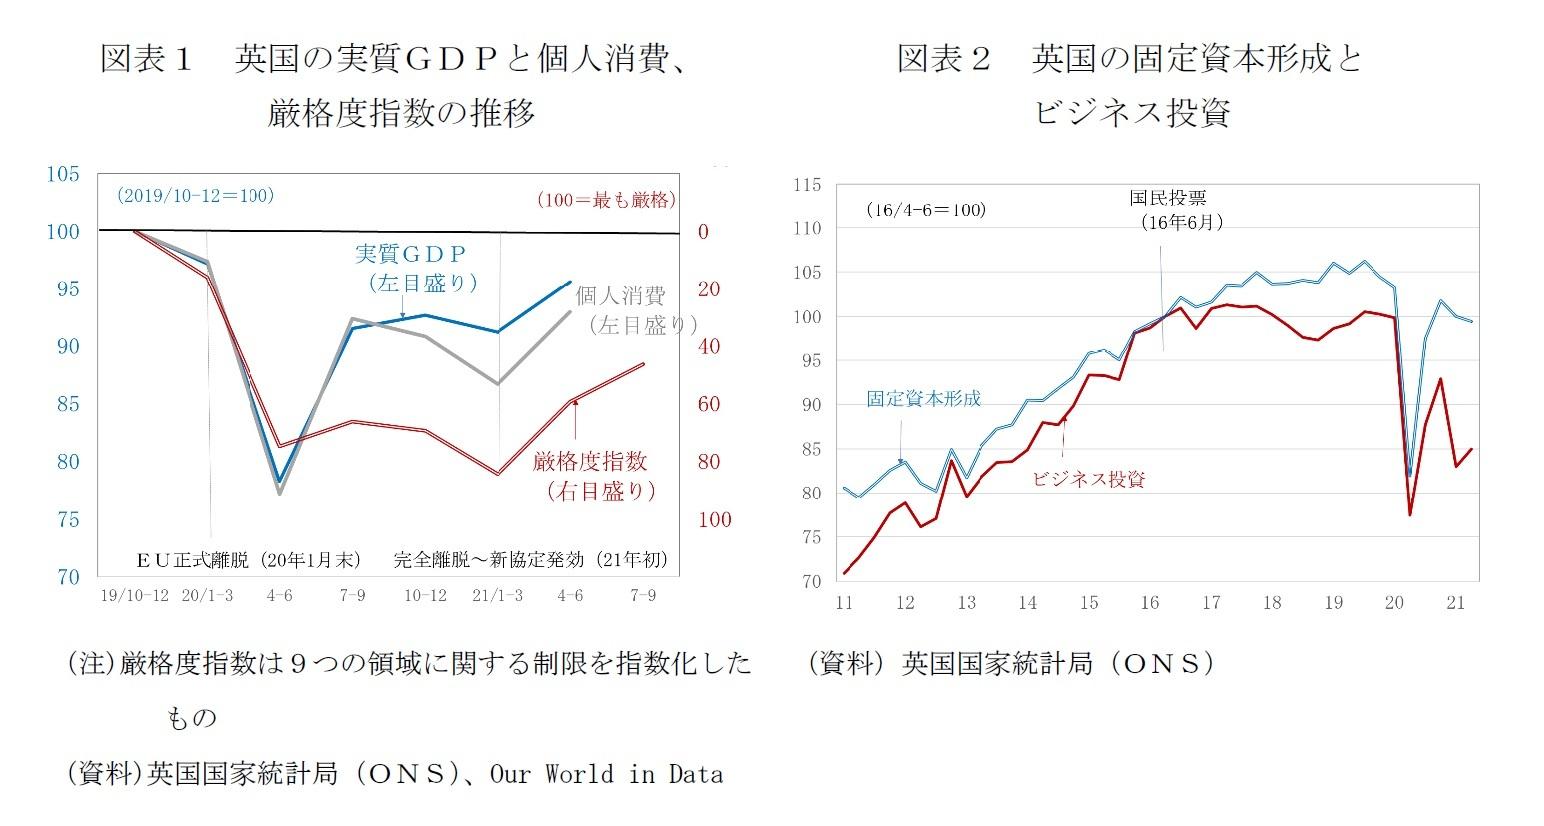 図表1 英国の実質GDPと個人消費、厳格度指数の推移/図表2 英国の固定資本形成とビジネス投資